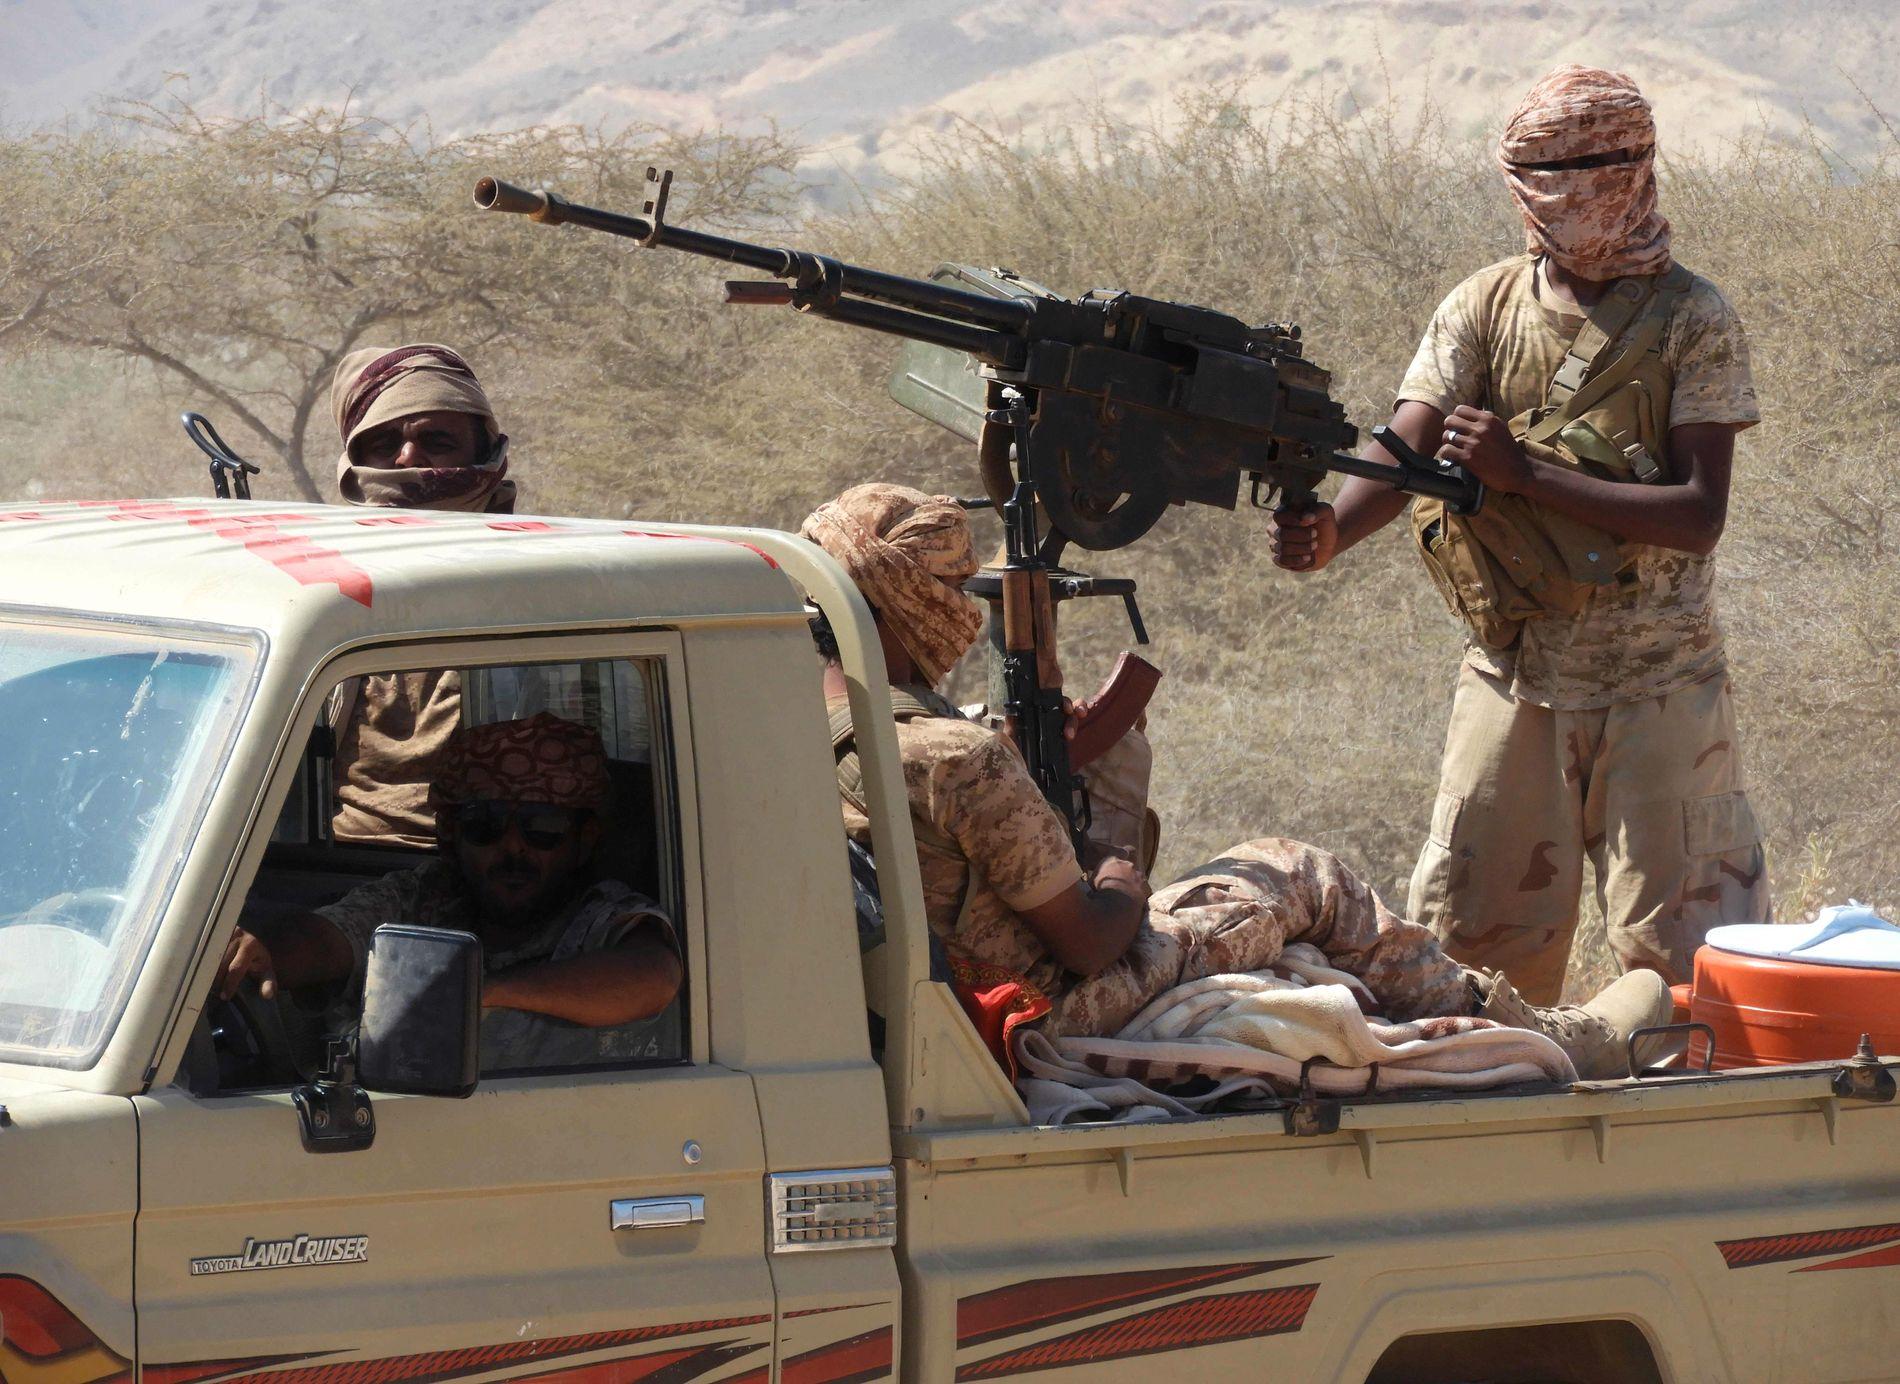 I KAMP: Krigere lojale til den Saudi-ledede koalisjonen fotografert i forrige uke under kamper i Jemen.